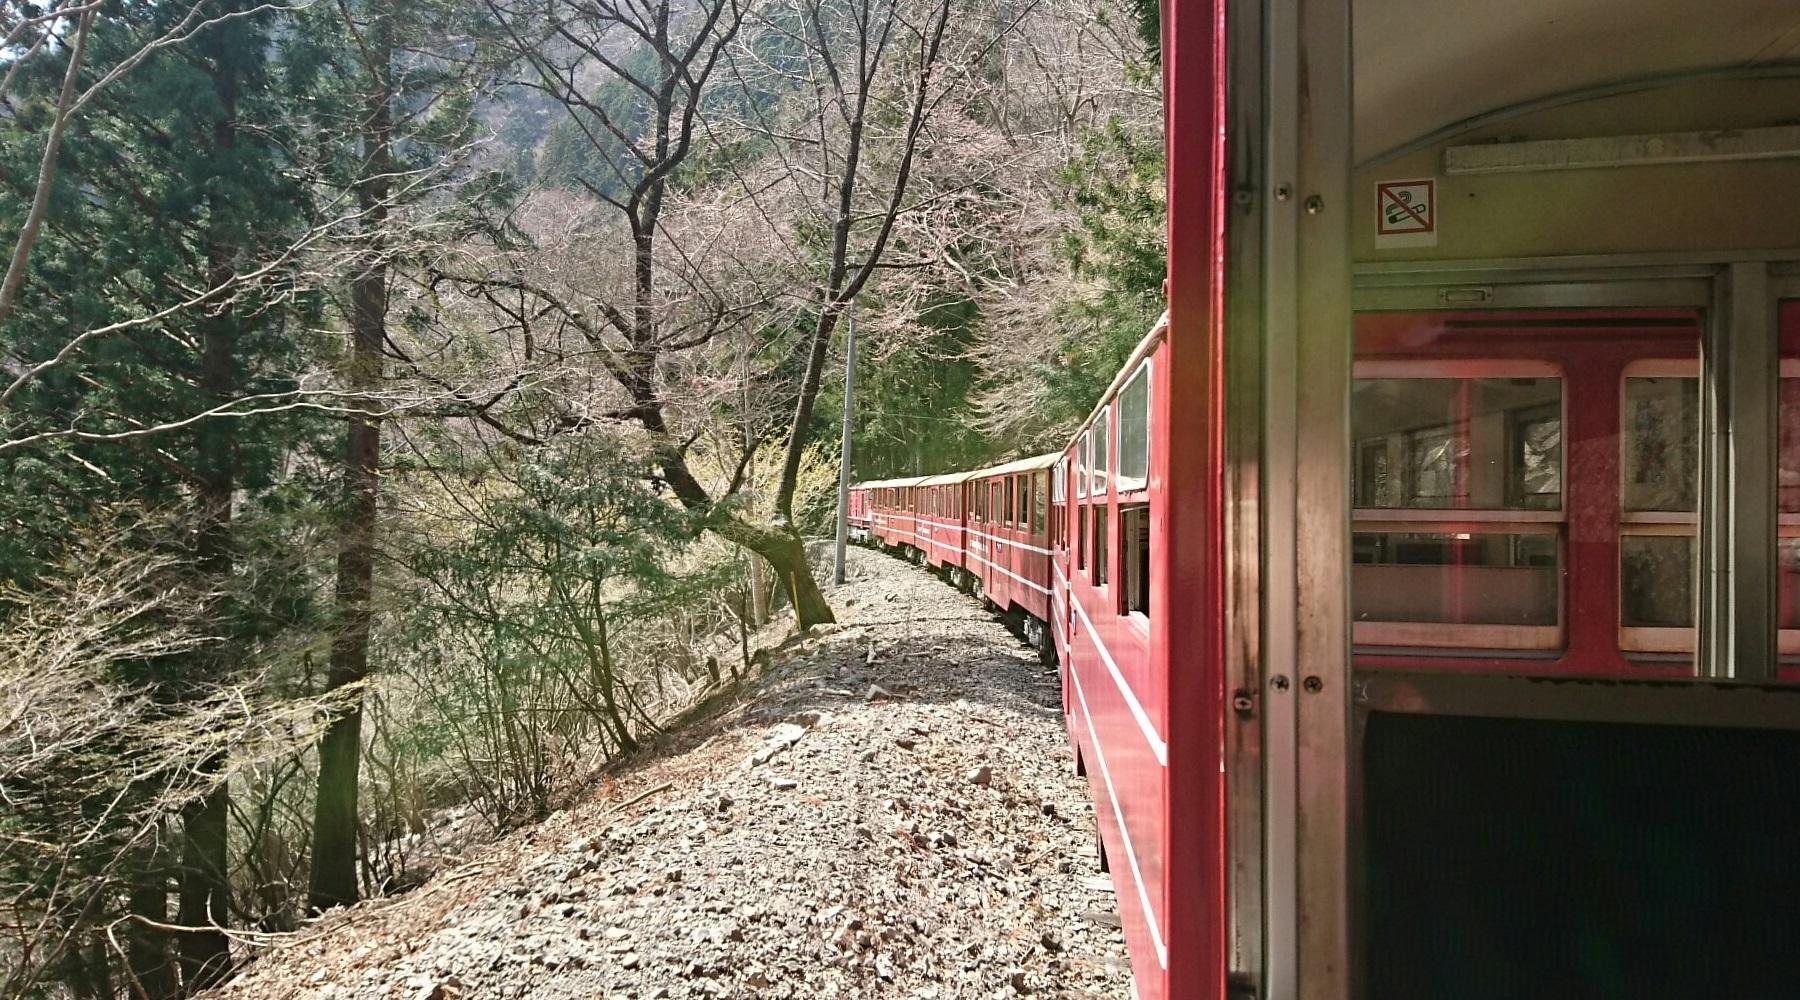 2018.3.28 かえり (5) 千頭いき列車 - 千頭-閑蔵間 1800-1000